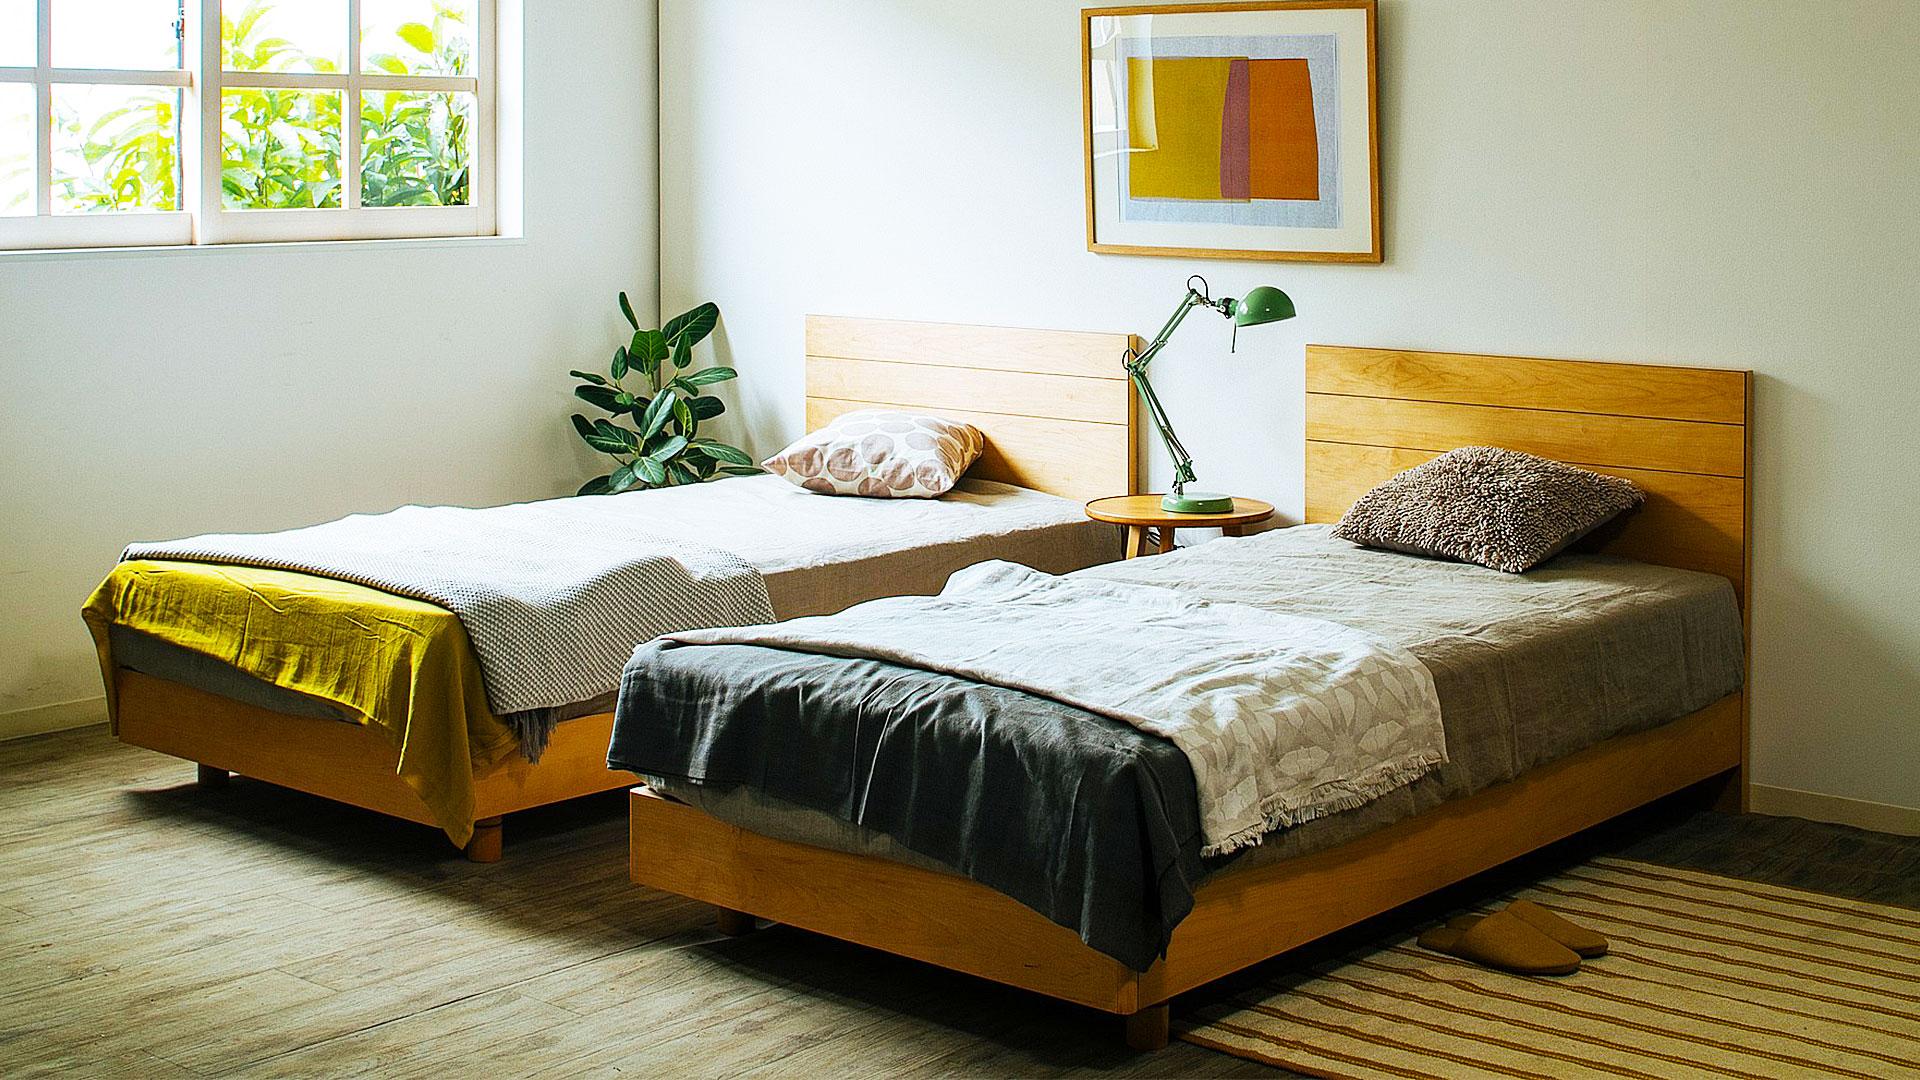 リビンズのベッドフレーム「セリーズ」のフラットのツインベッドの画像